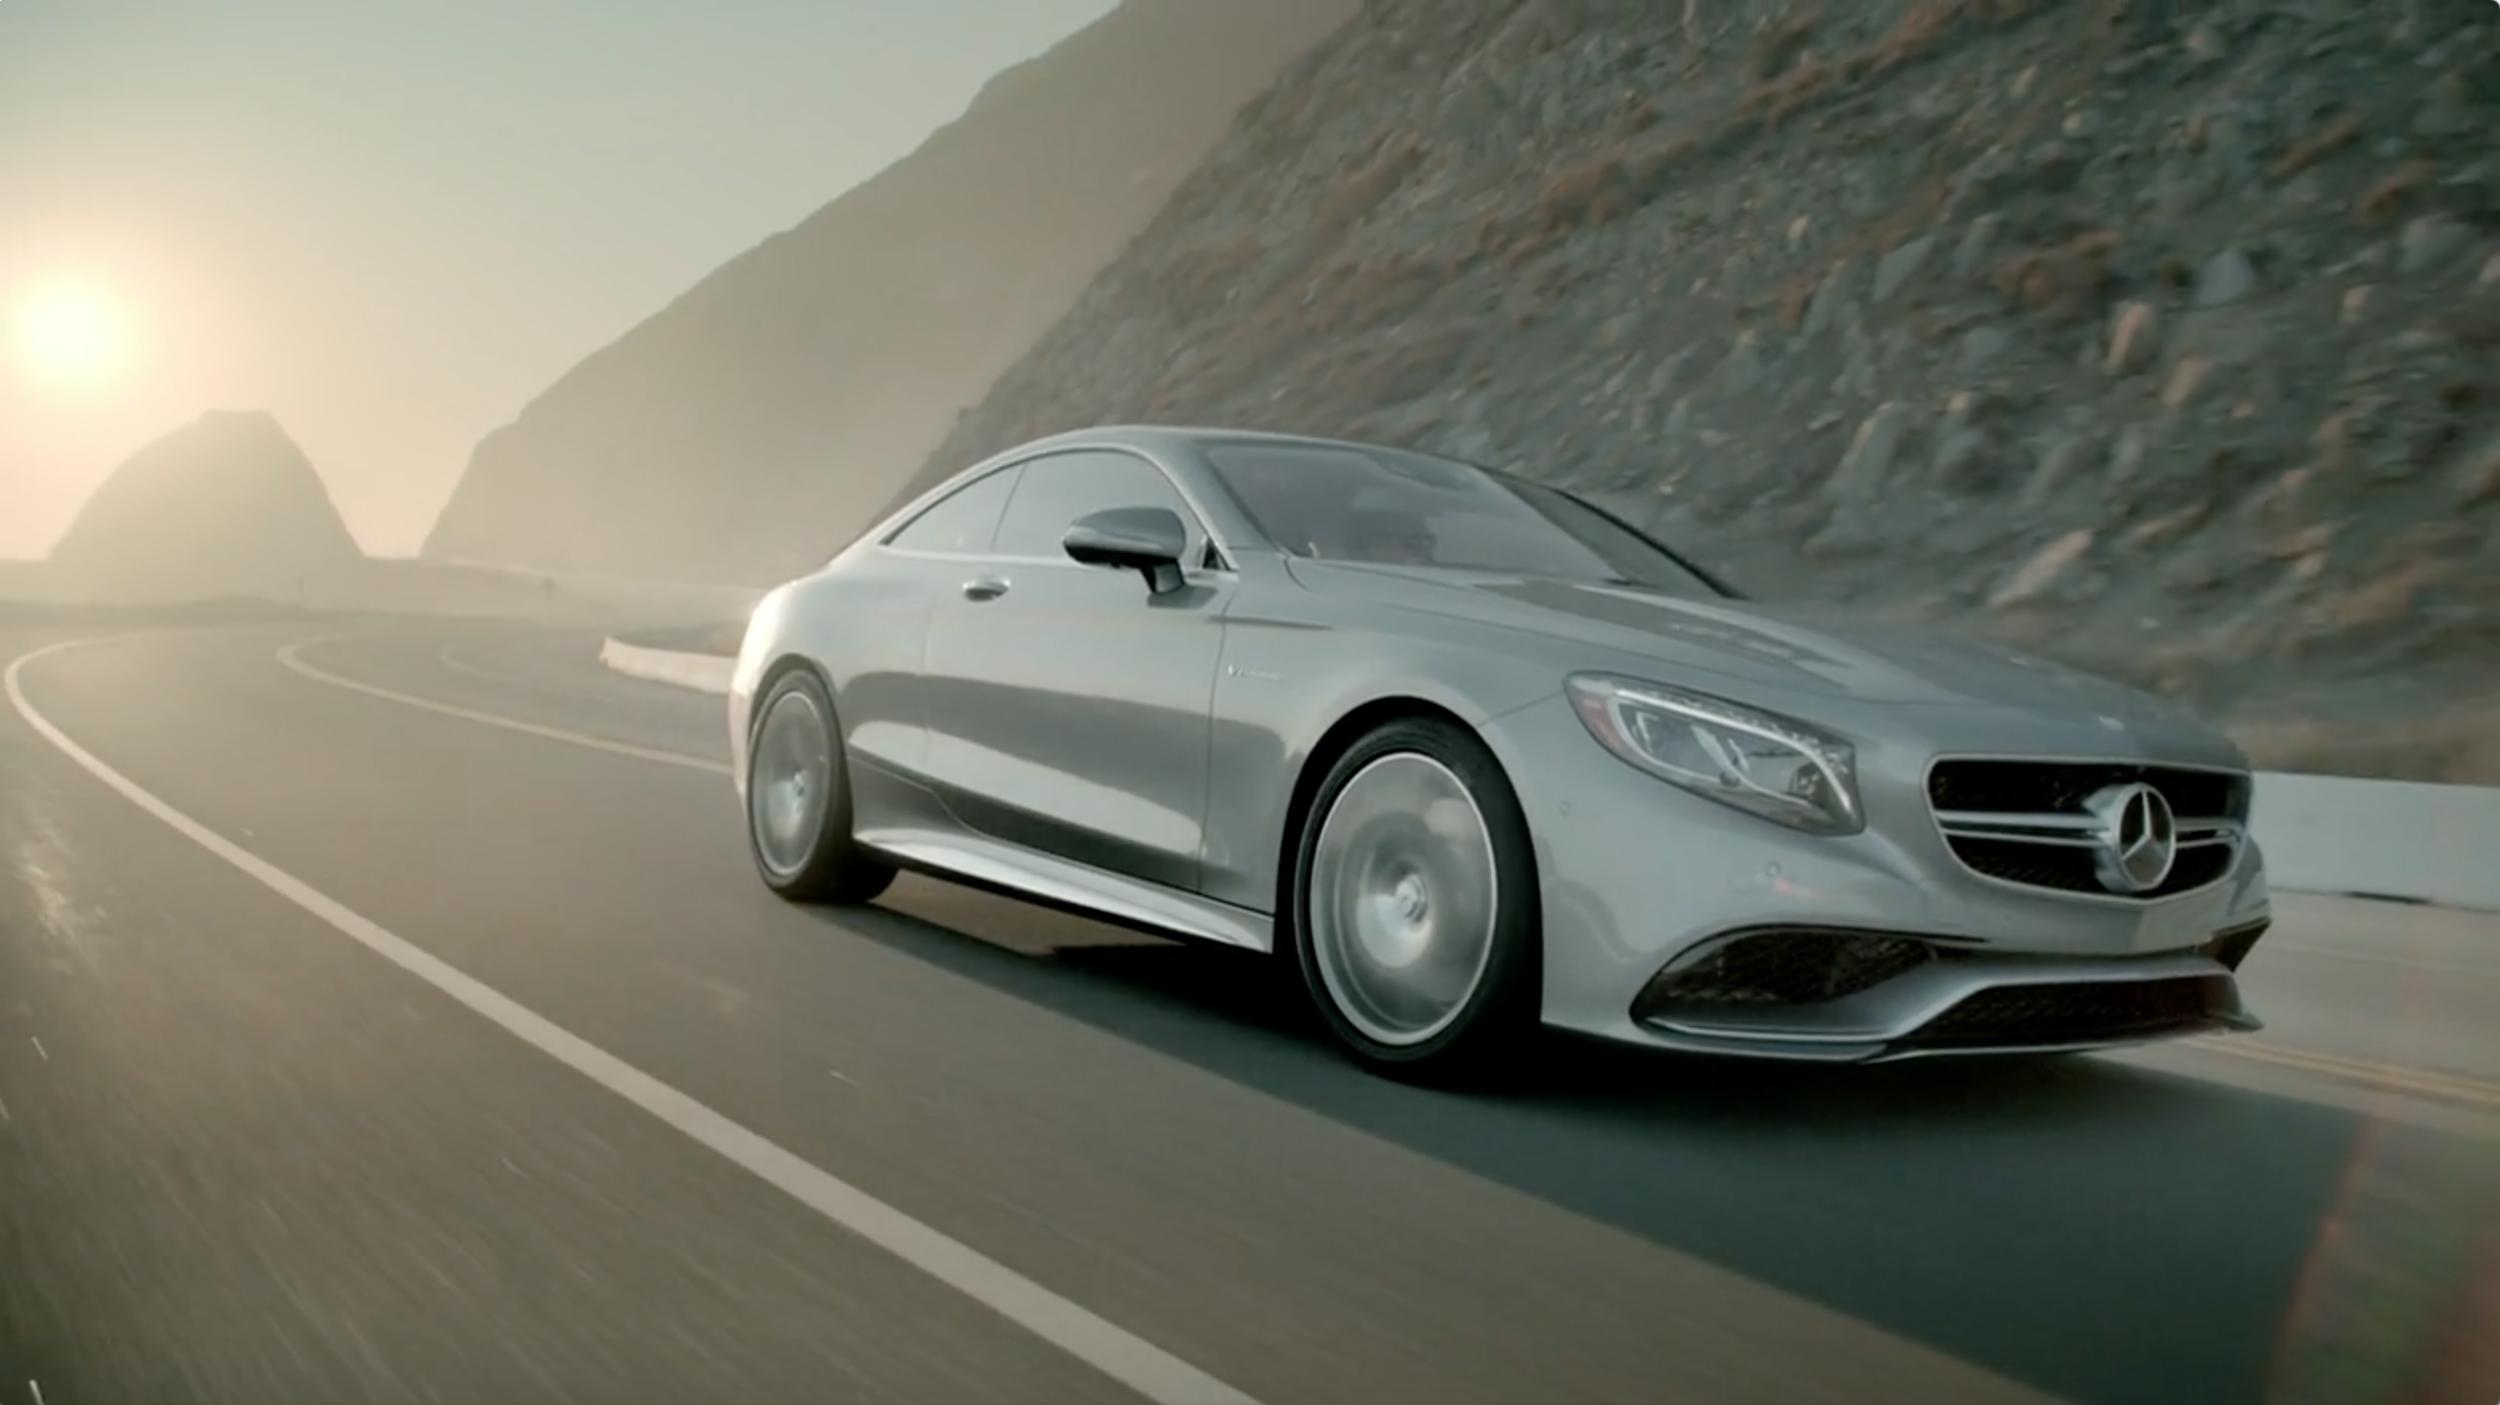 Keegan Wilcox: Mercedes-Benz S-Coupe